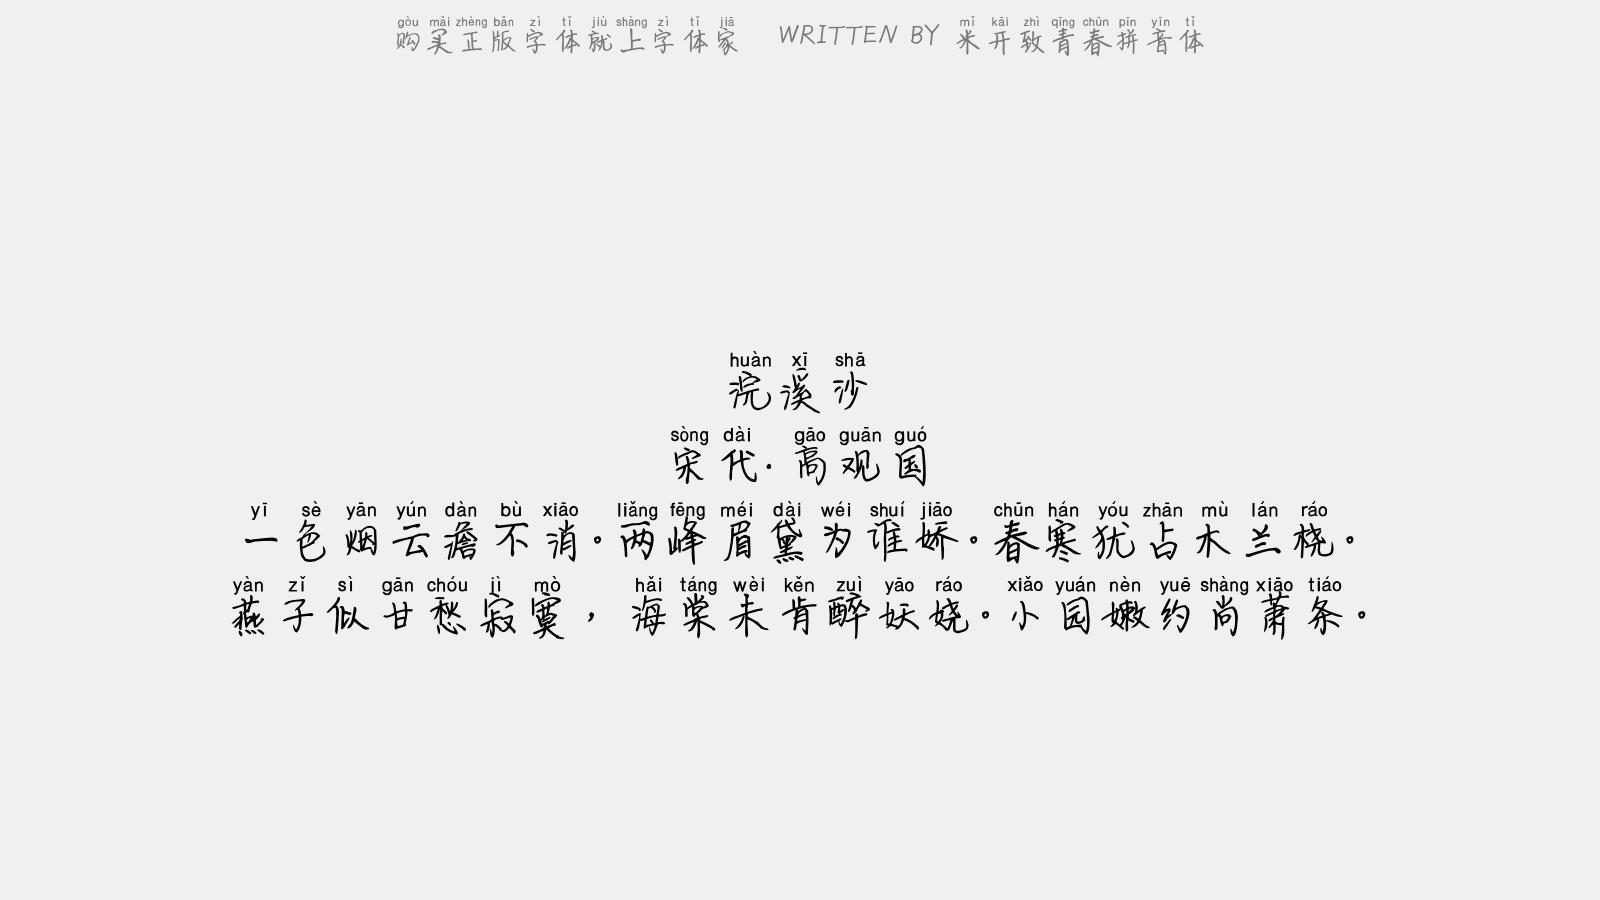 米開致青春拼音體 - 浣溪沙(題湖樓壁)